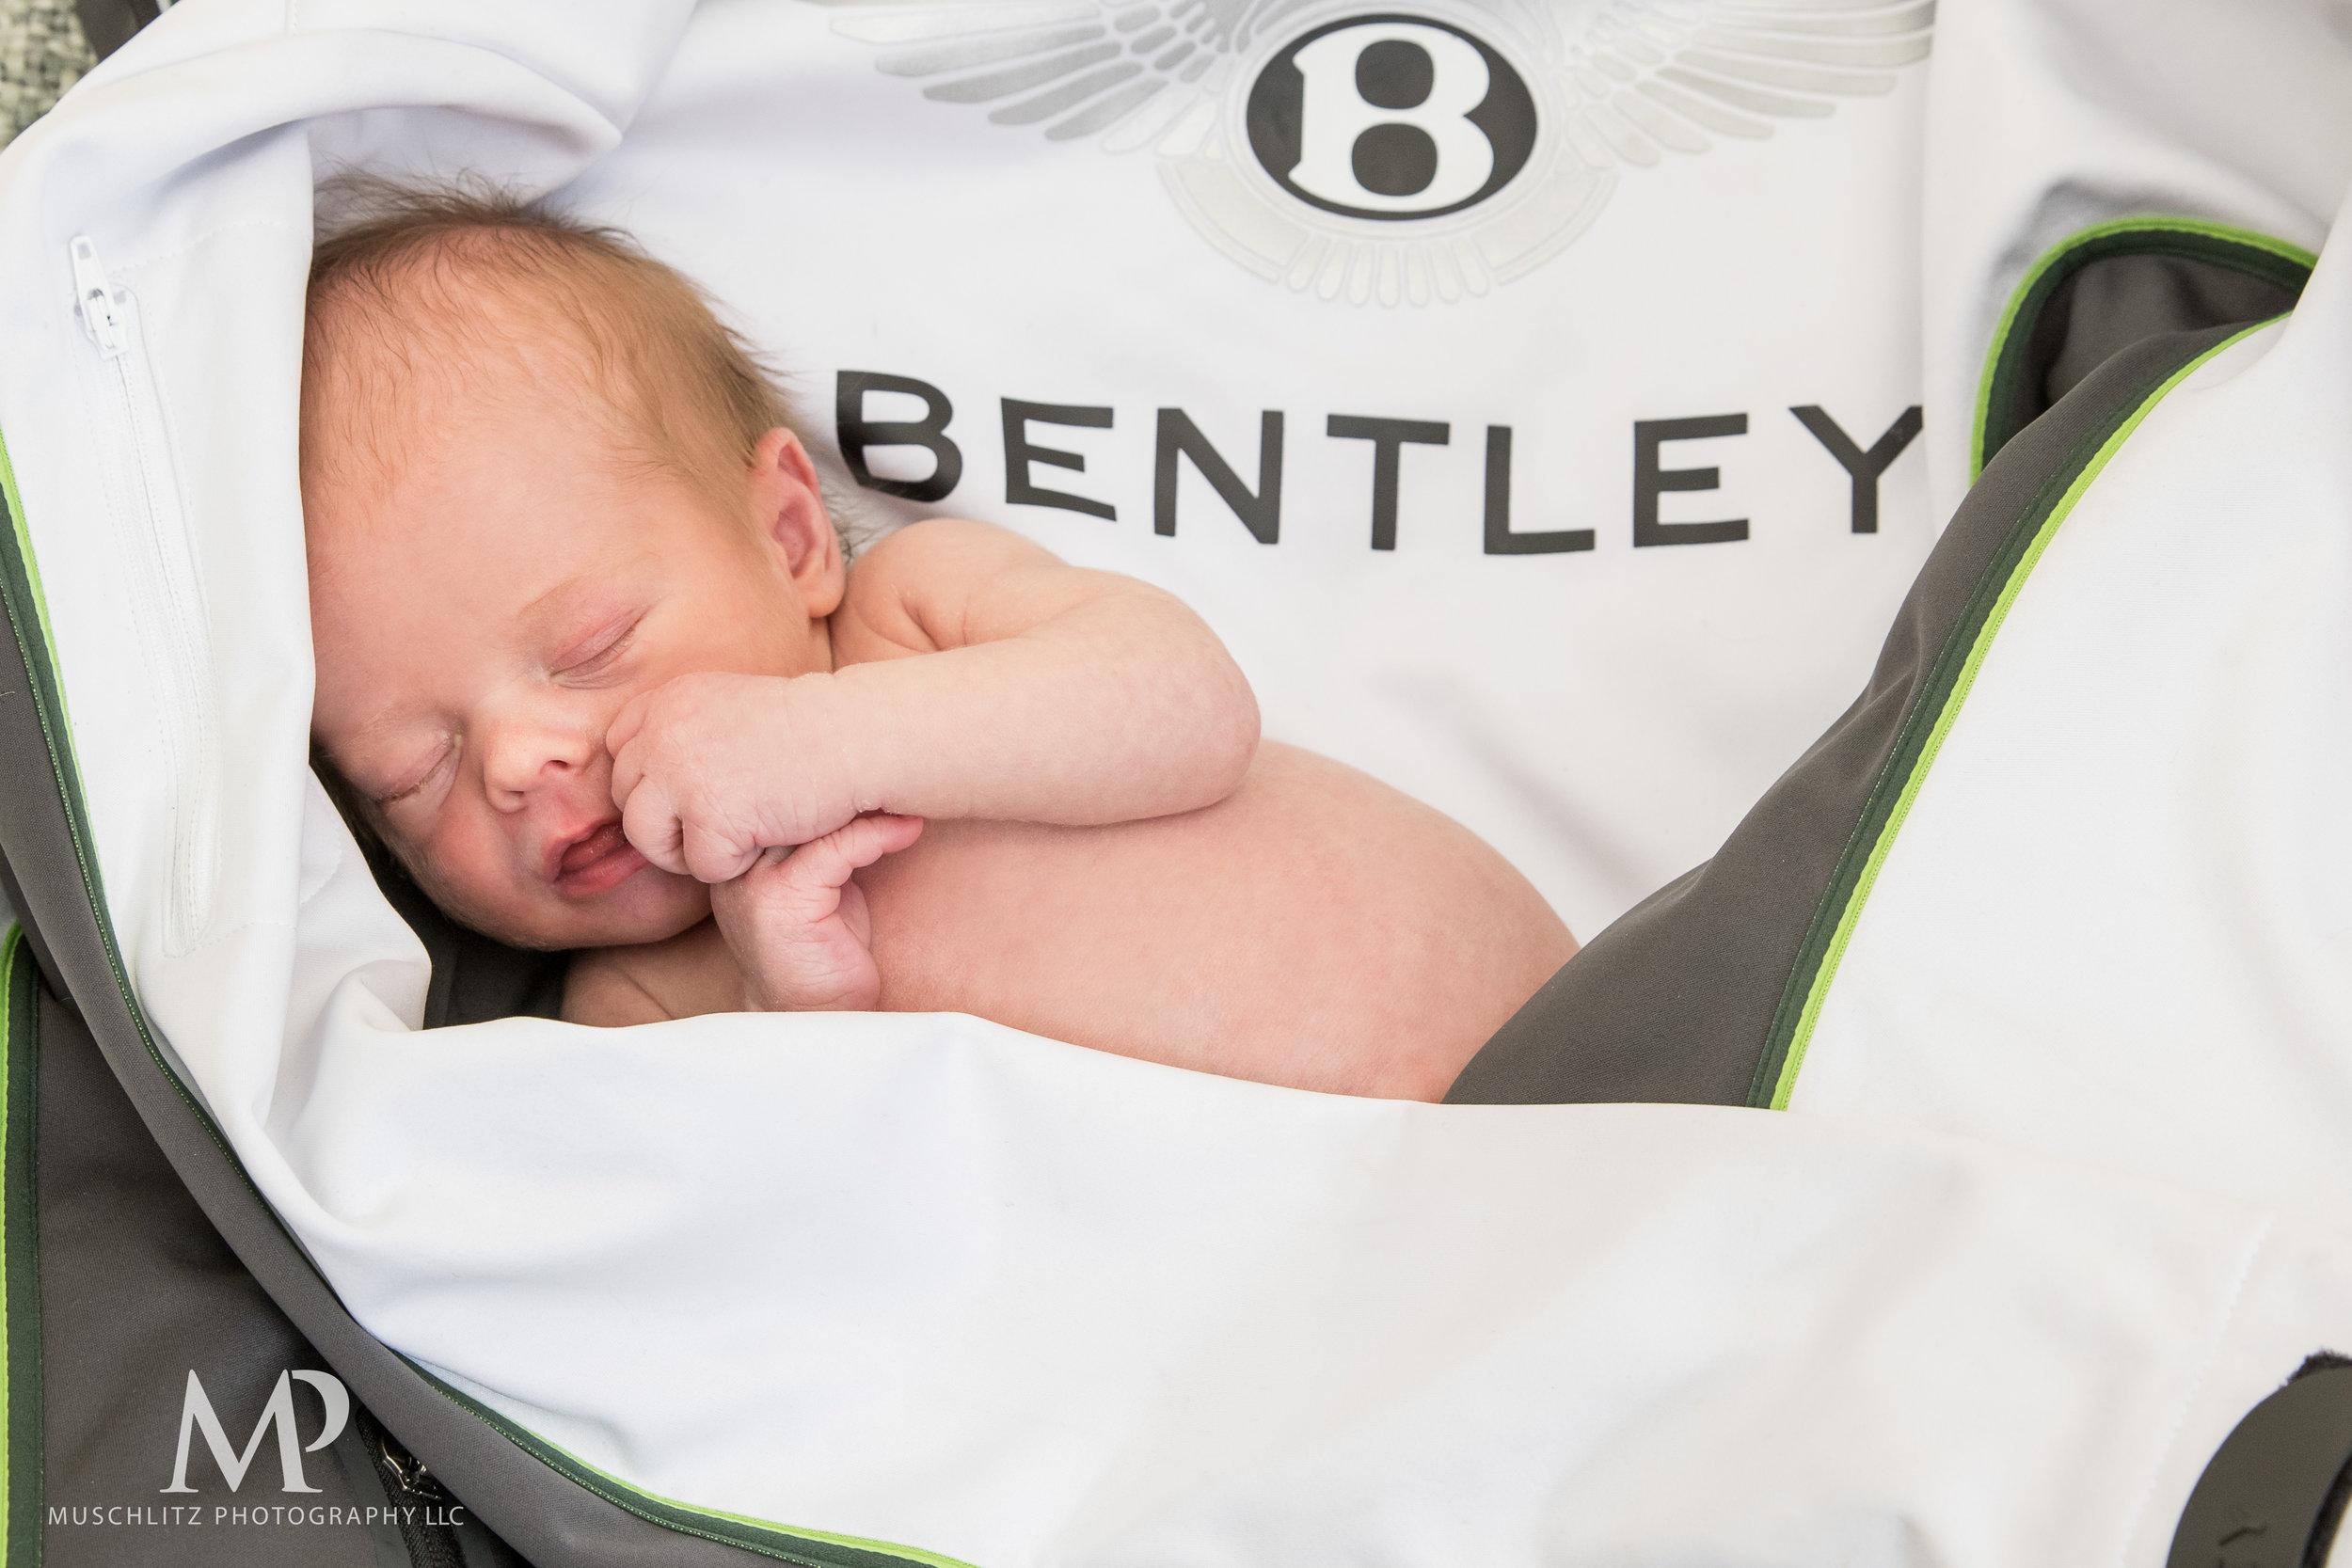 newborn-baby-photographer-columbus-ohio-gahanna-muschlitz-photography-016.JPG